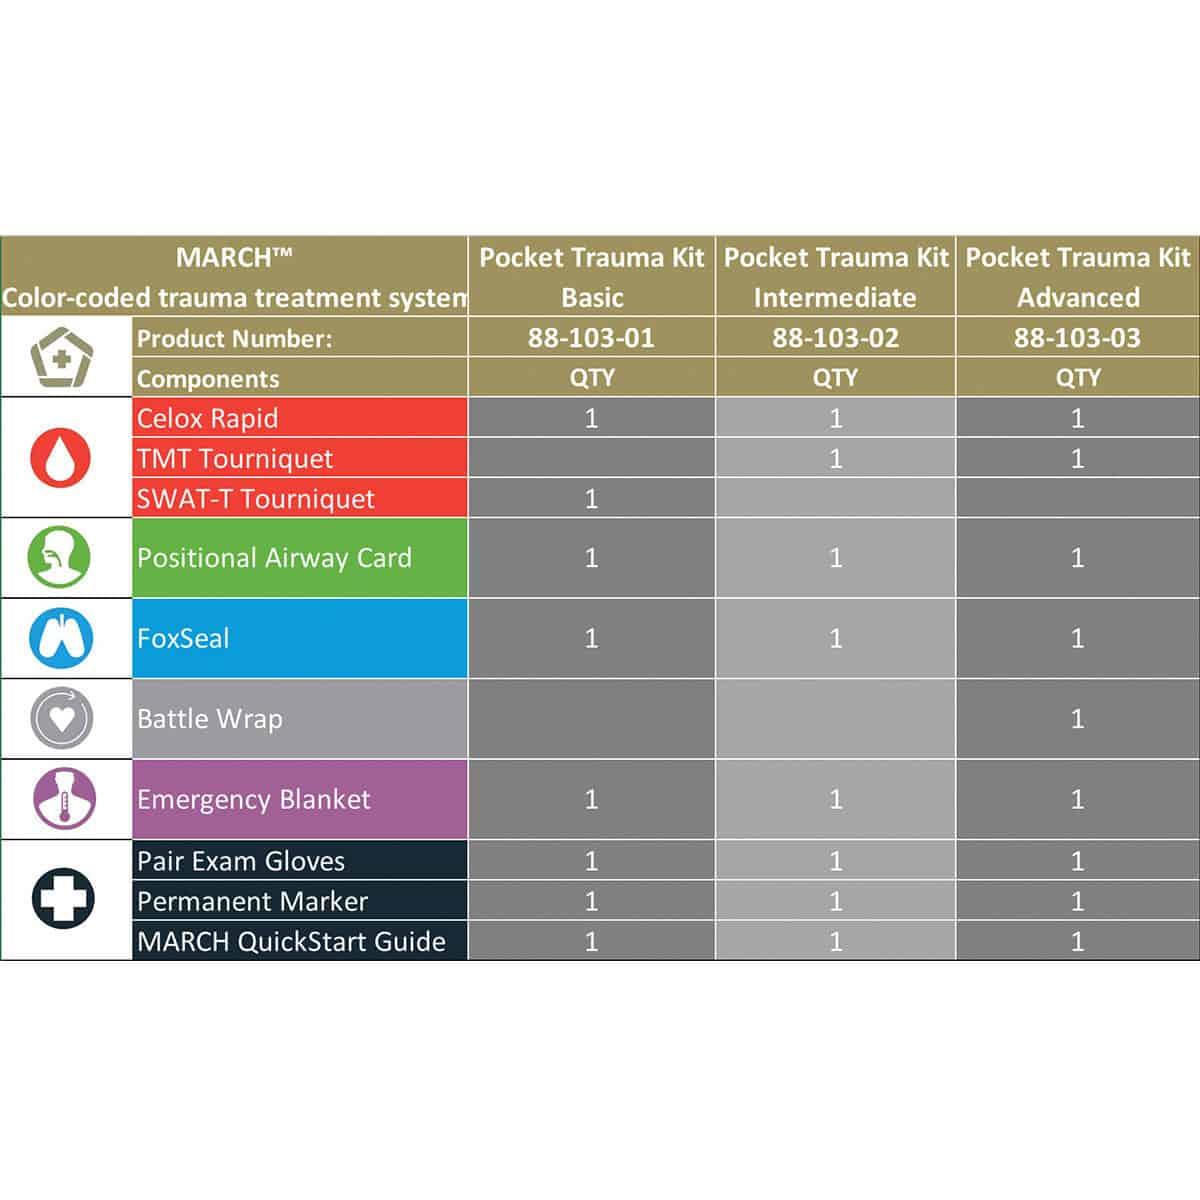 mojo pocket trauma kit chart